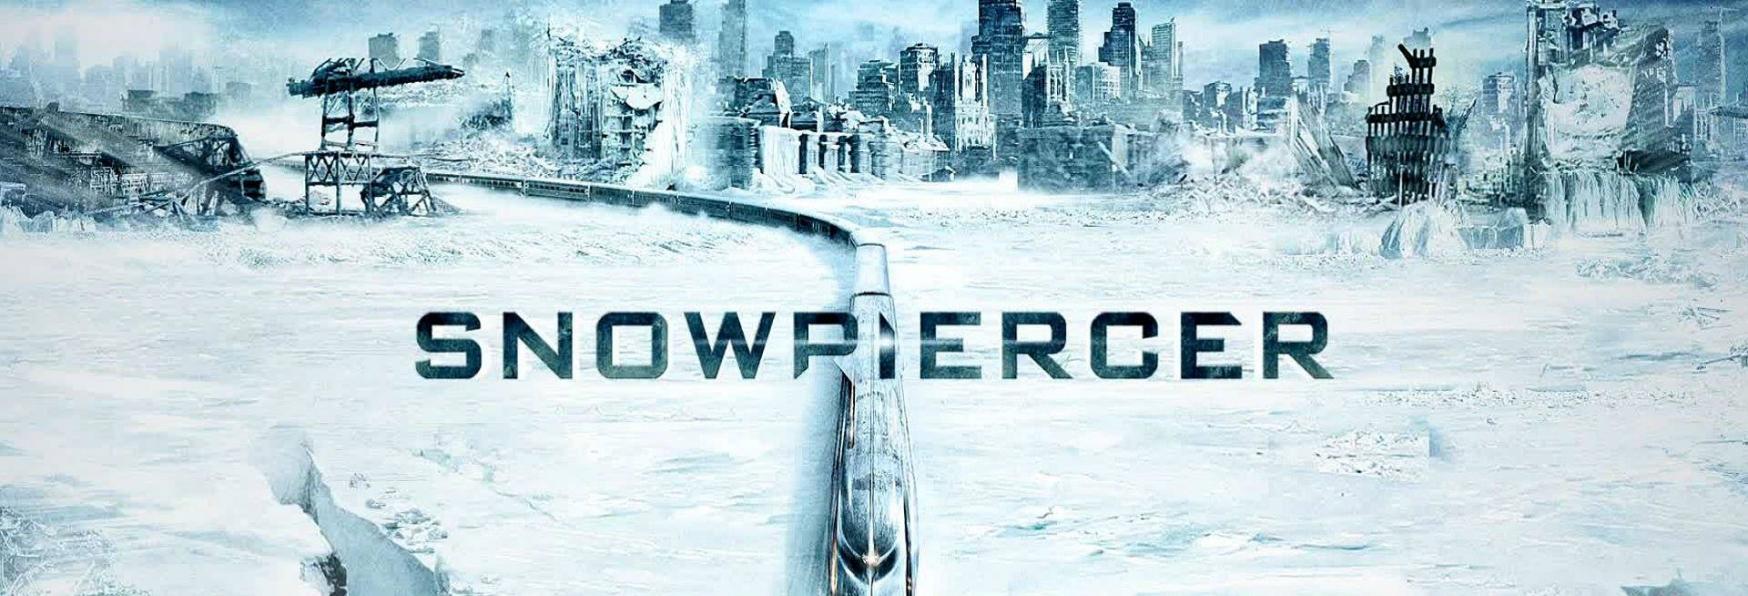 Snowpiercer 2: il Teaser Trailer della nuova Stagione della Serie TV TNT